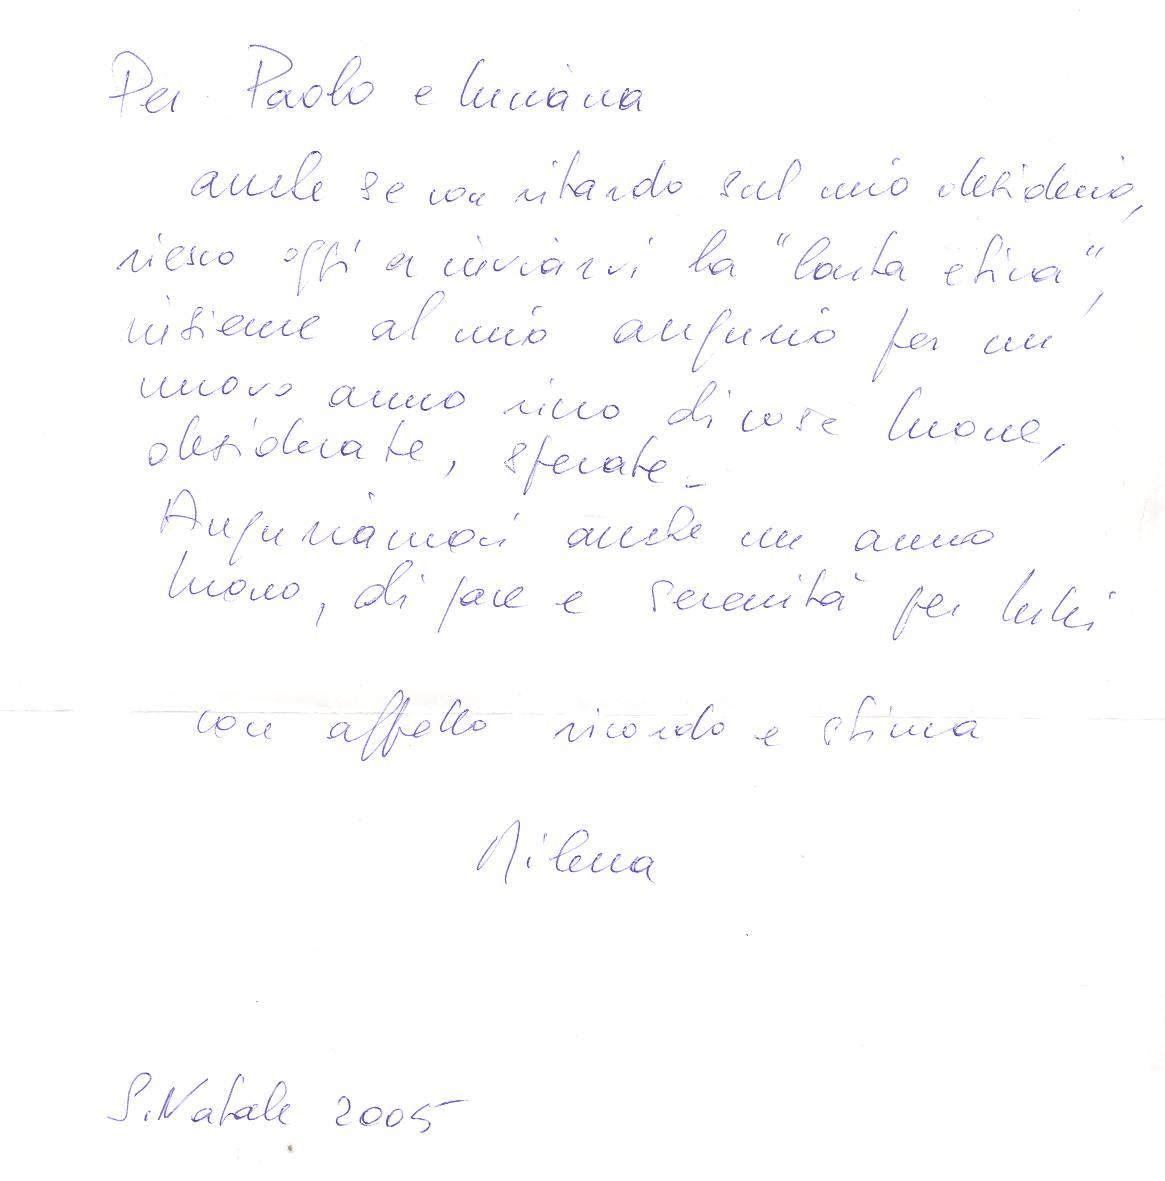 Lettere Di Lavoro: Lettere: Ricordi Dal Passato Di Lavoro In Occasione Del